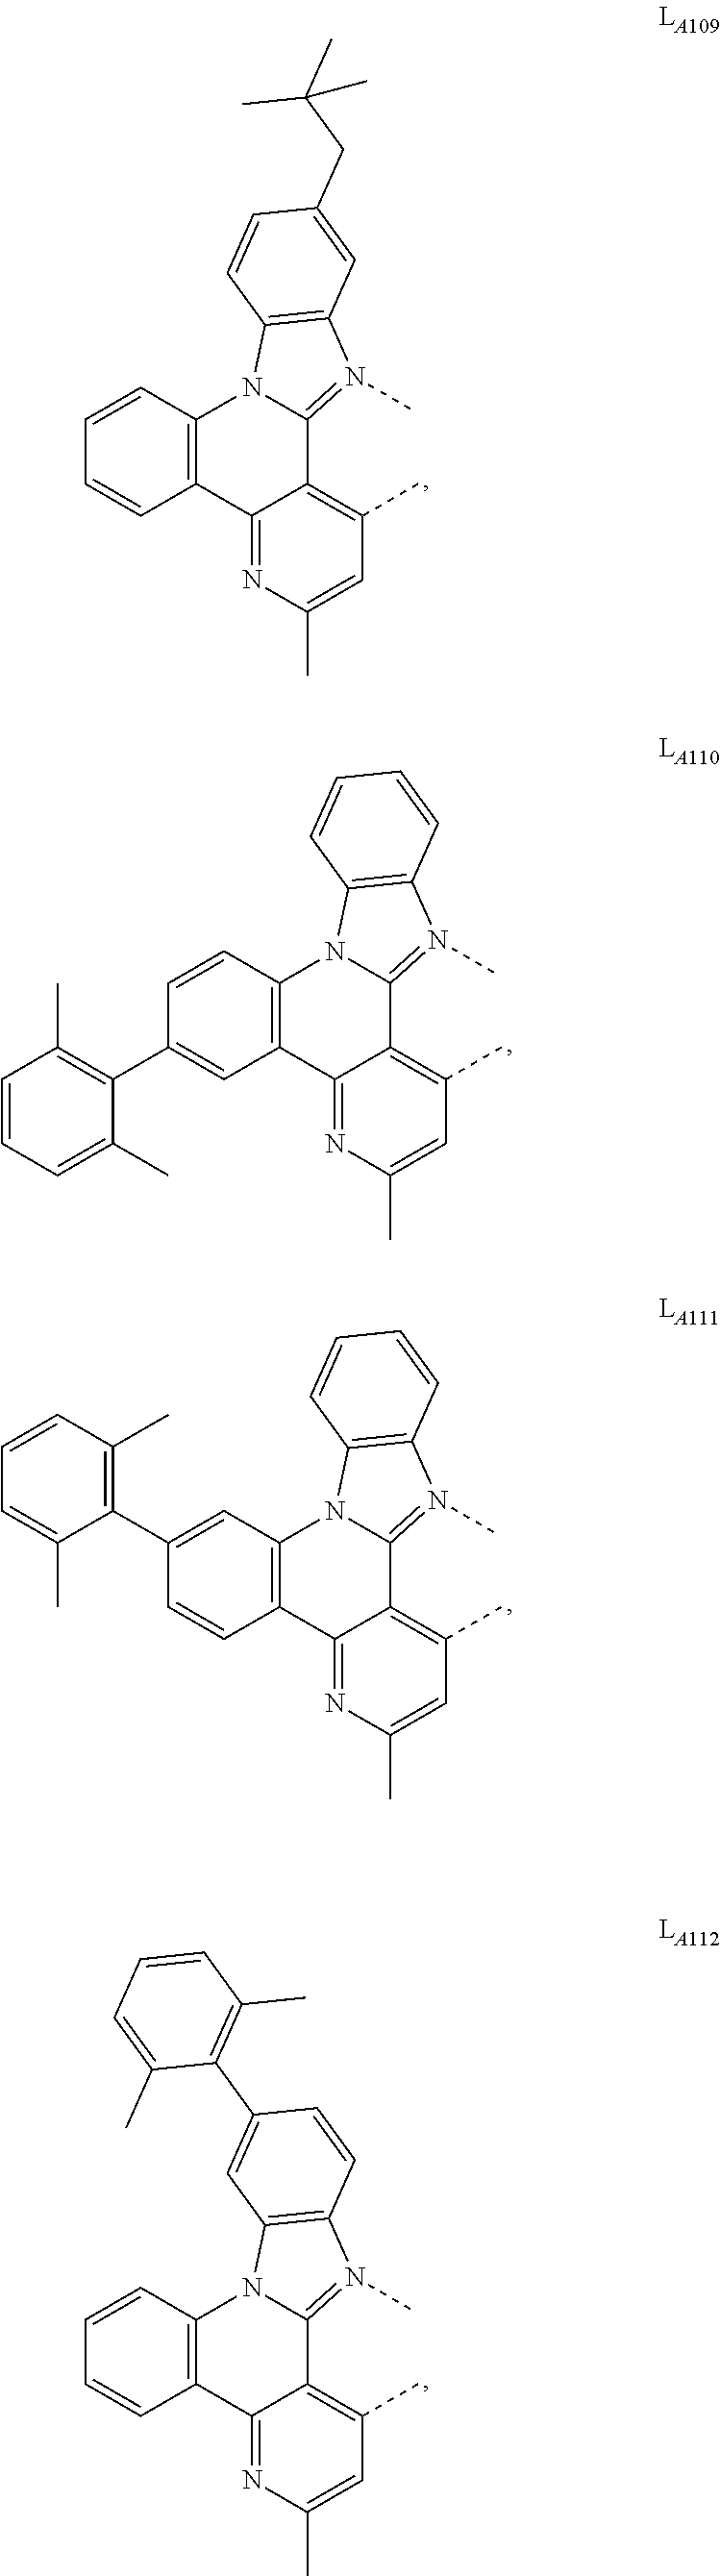 Figure US09905785-20180227-C00050